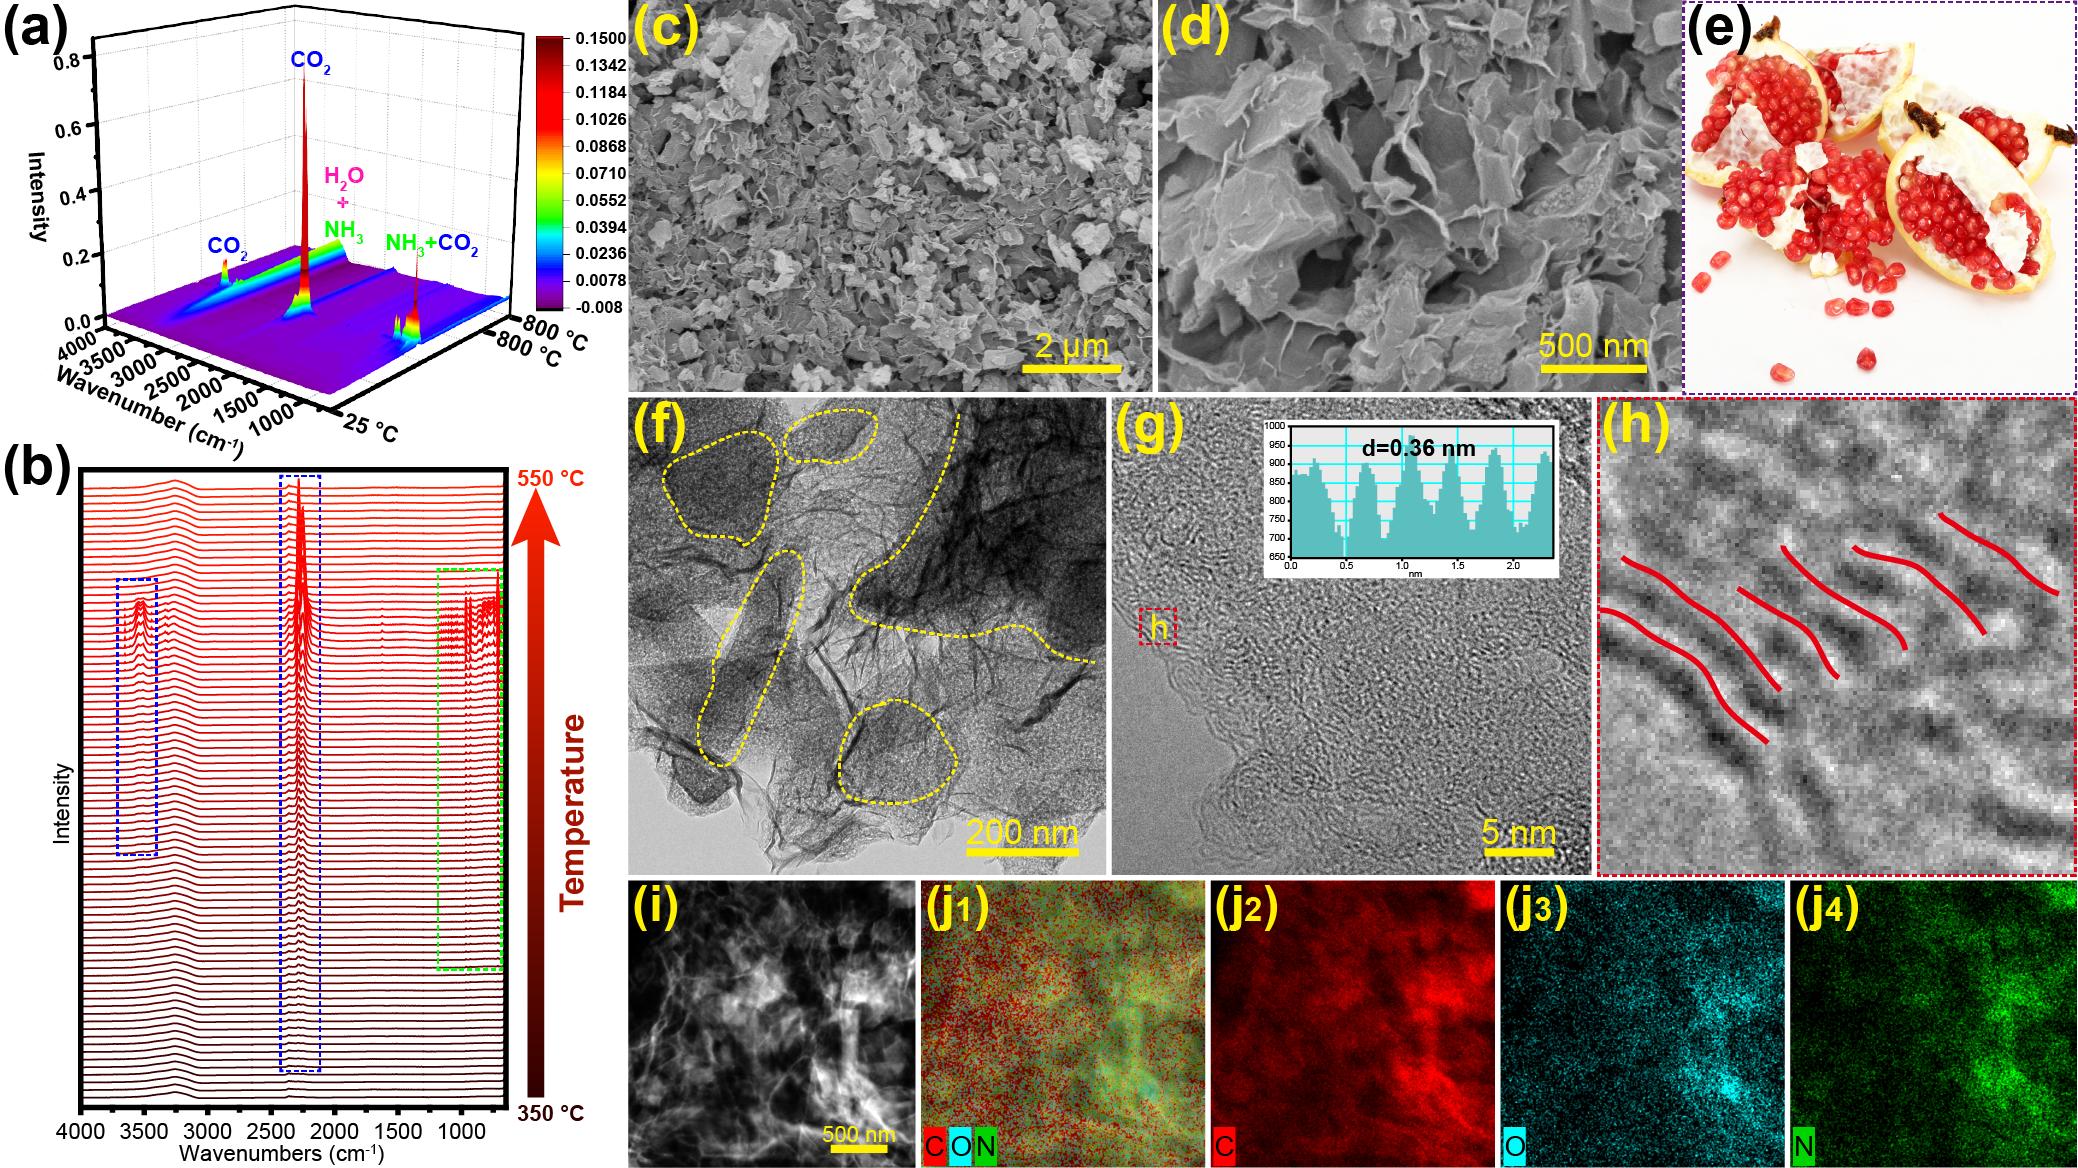 石墨烯网络限域的葫芦[6]脲基氮掺杂多孔炭作为负极构建高性能钾离子混合电容器